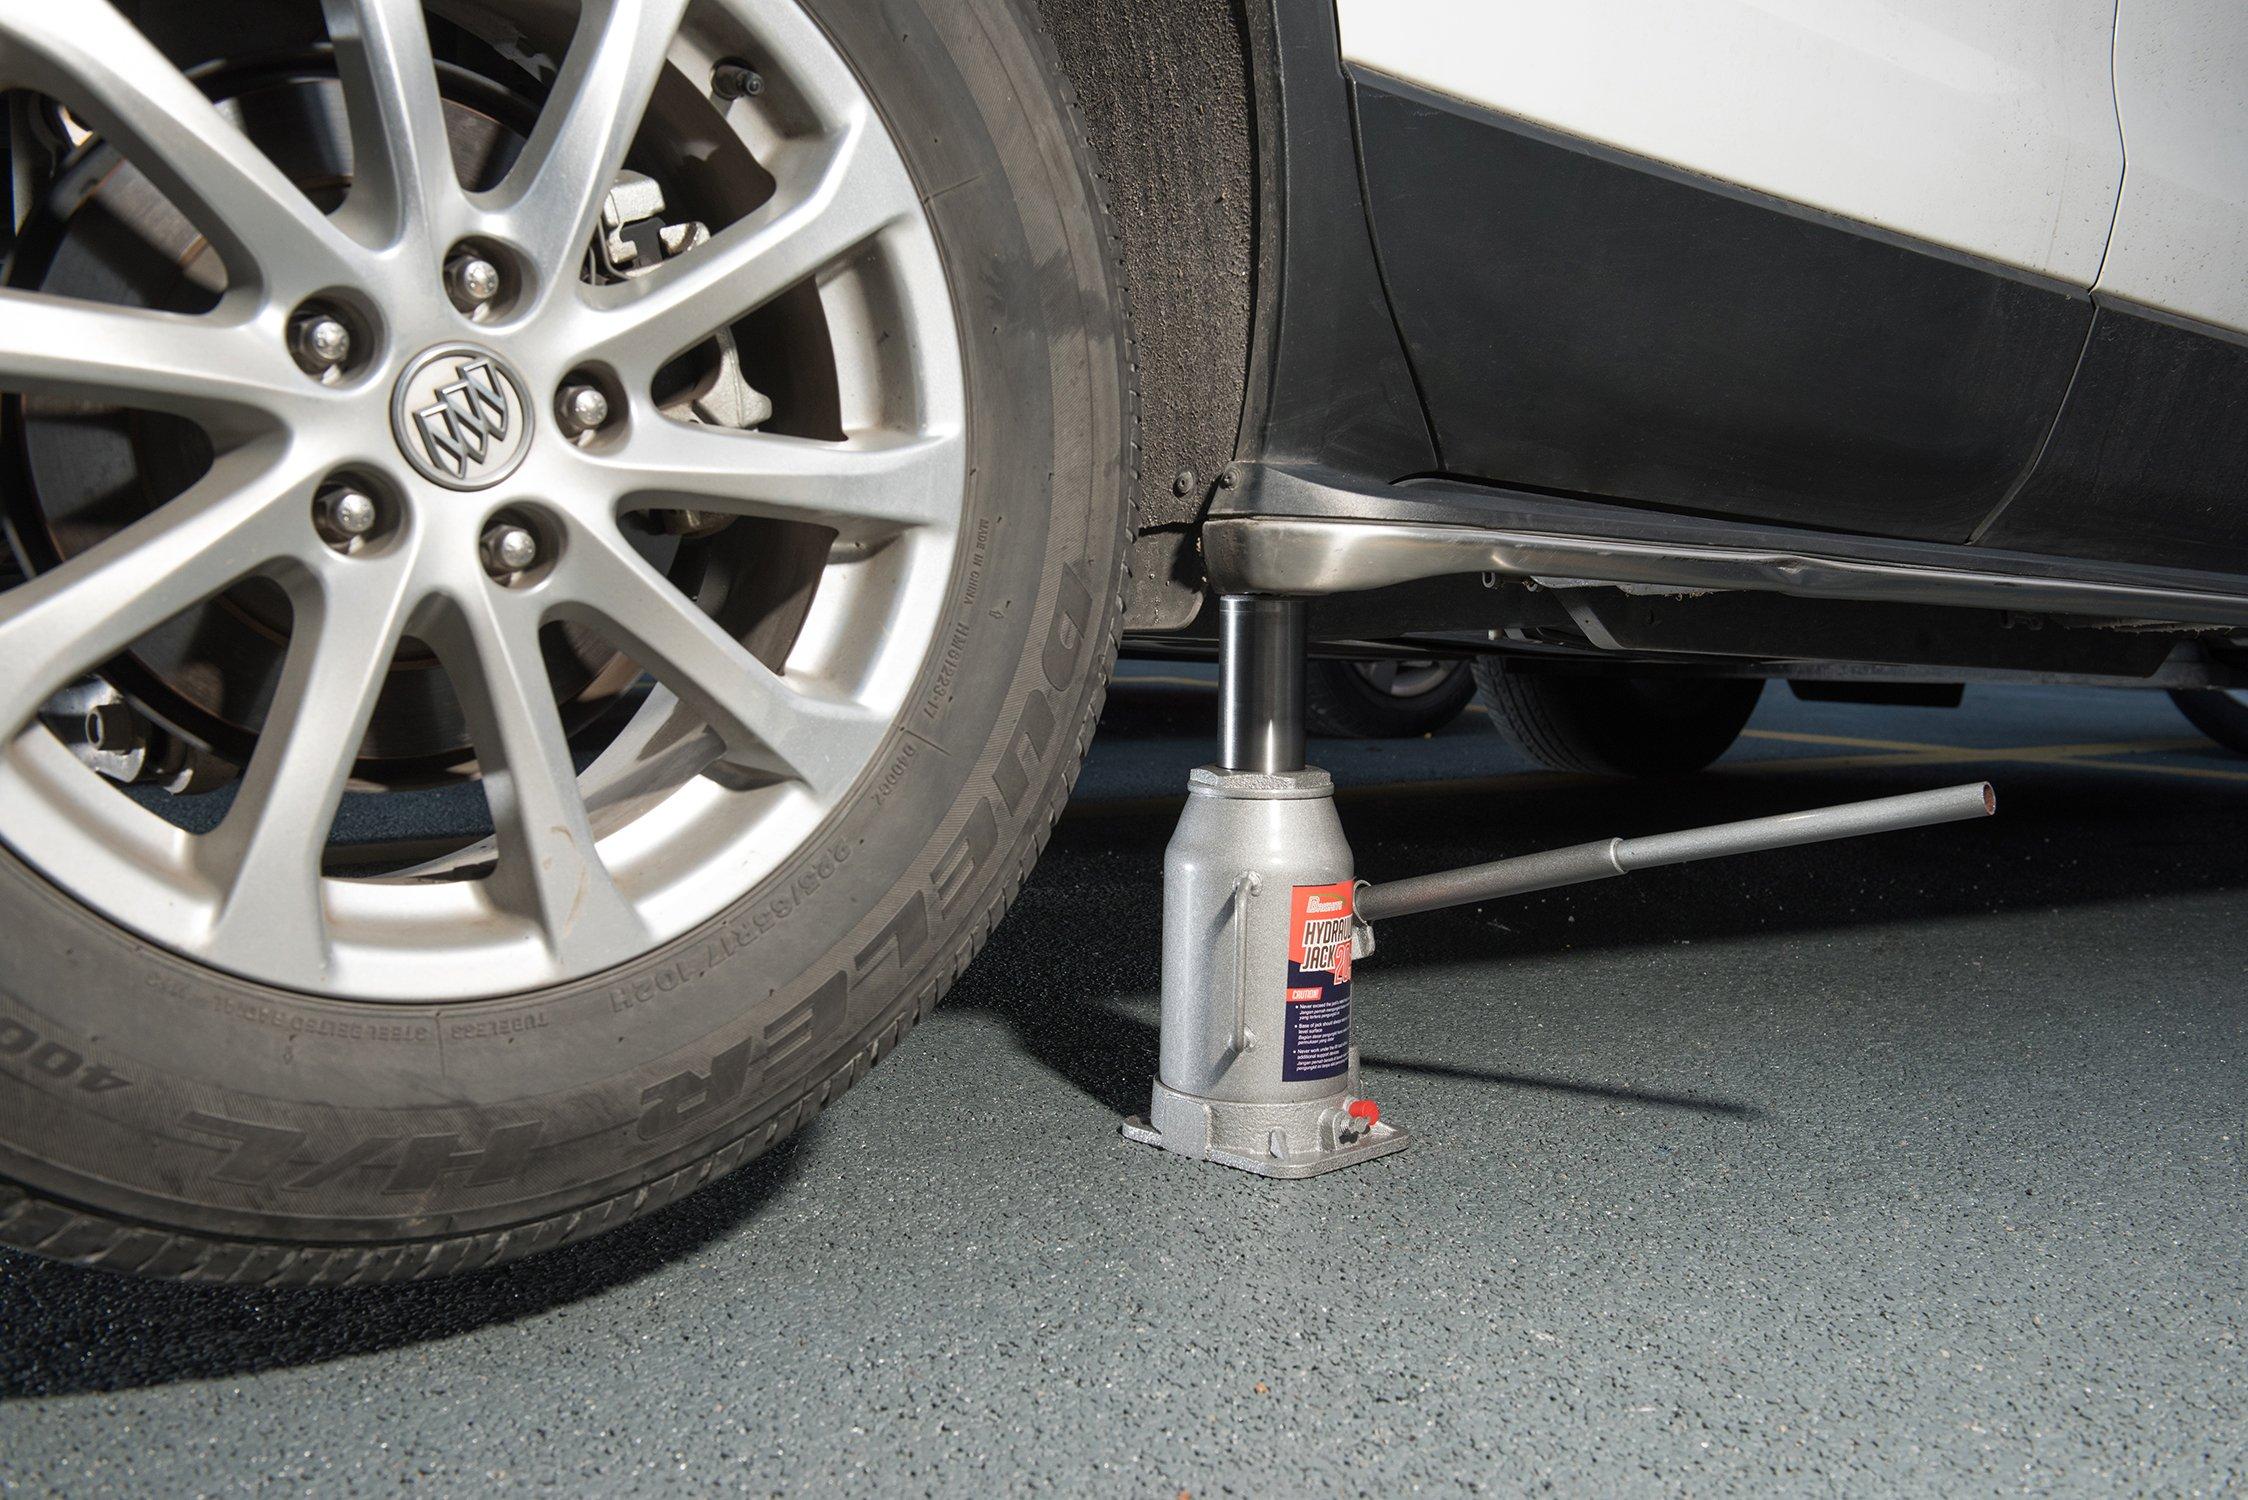 BAISHITE Hydraulic Bottle Jack 20 Ton Capacity Grey by BAISHITE (Image #5)